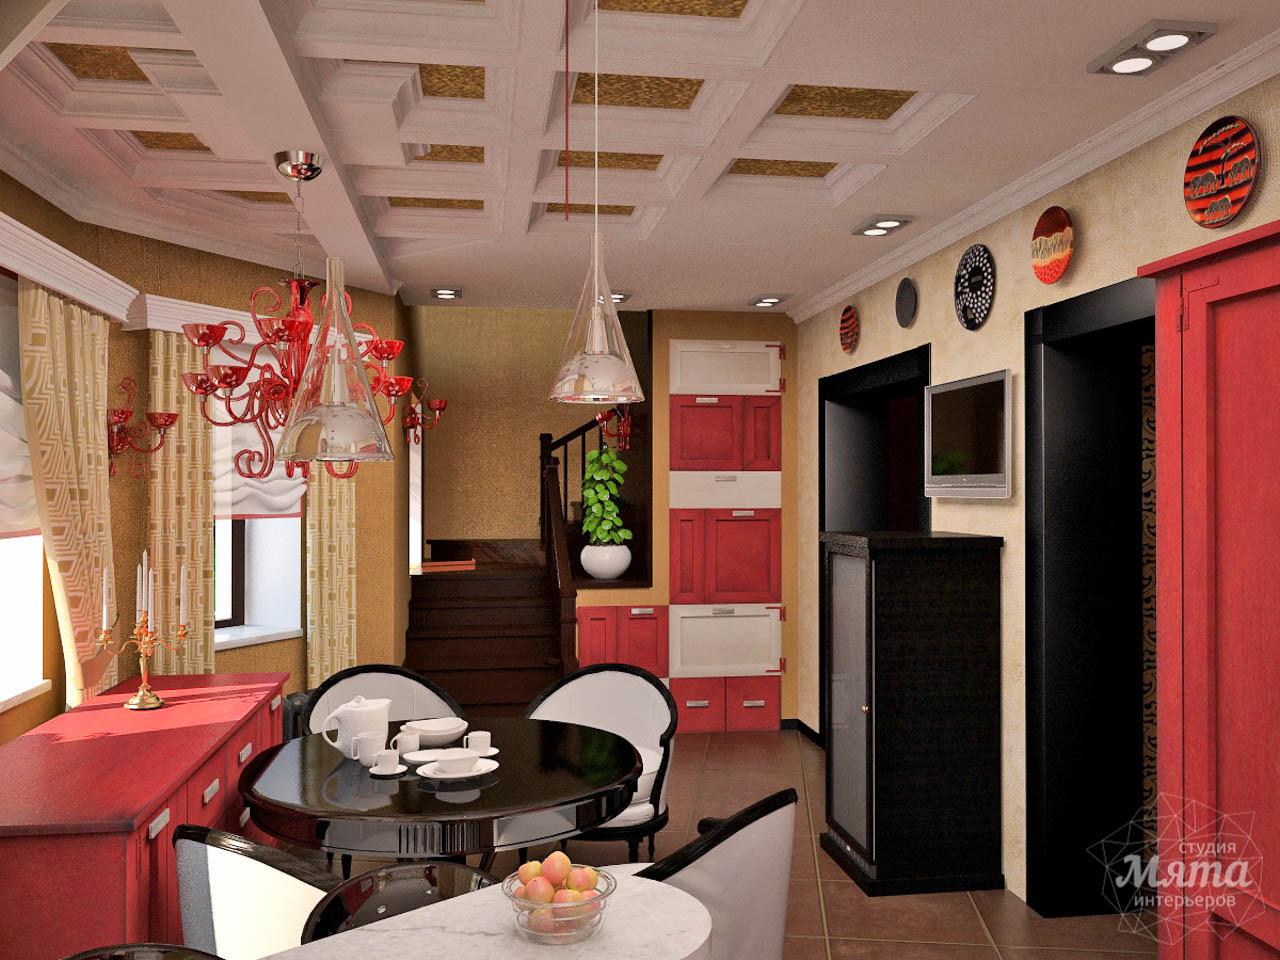 Дизайн интерьера коттеджа первого этажа по ул. Урожайная 17 img351248293